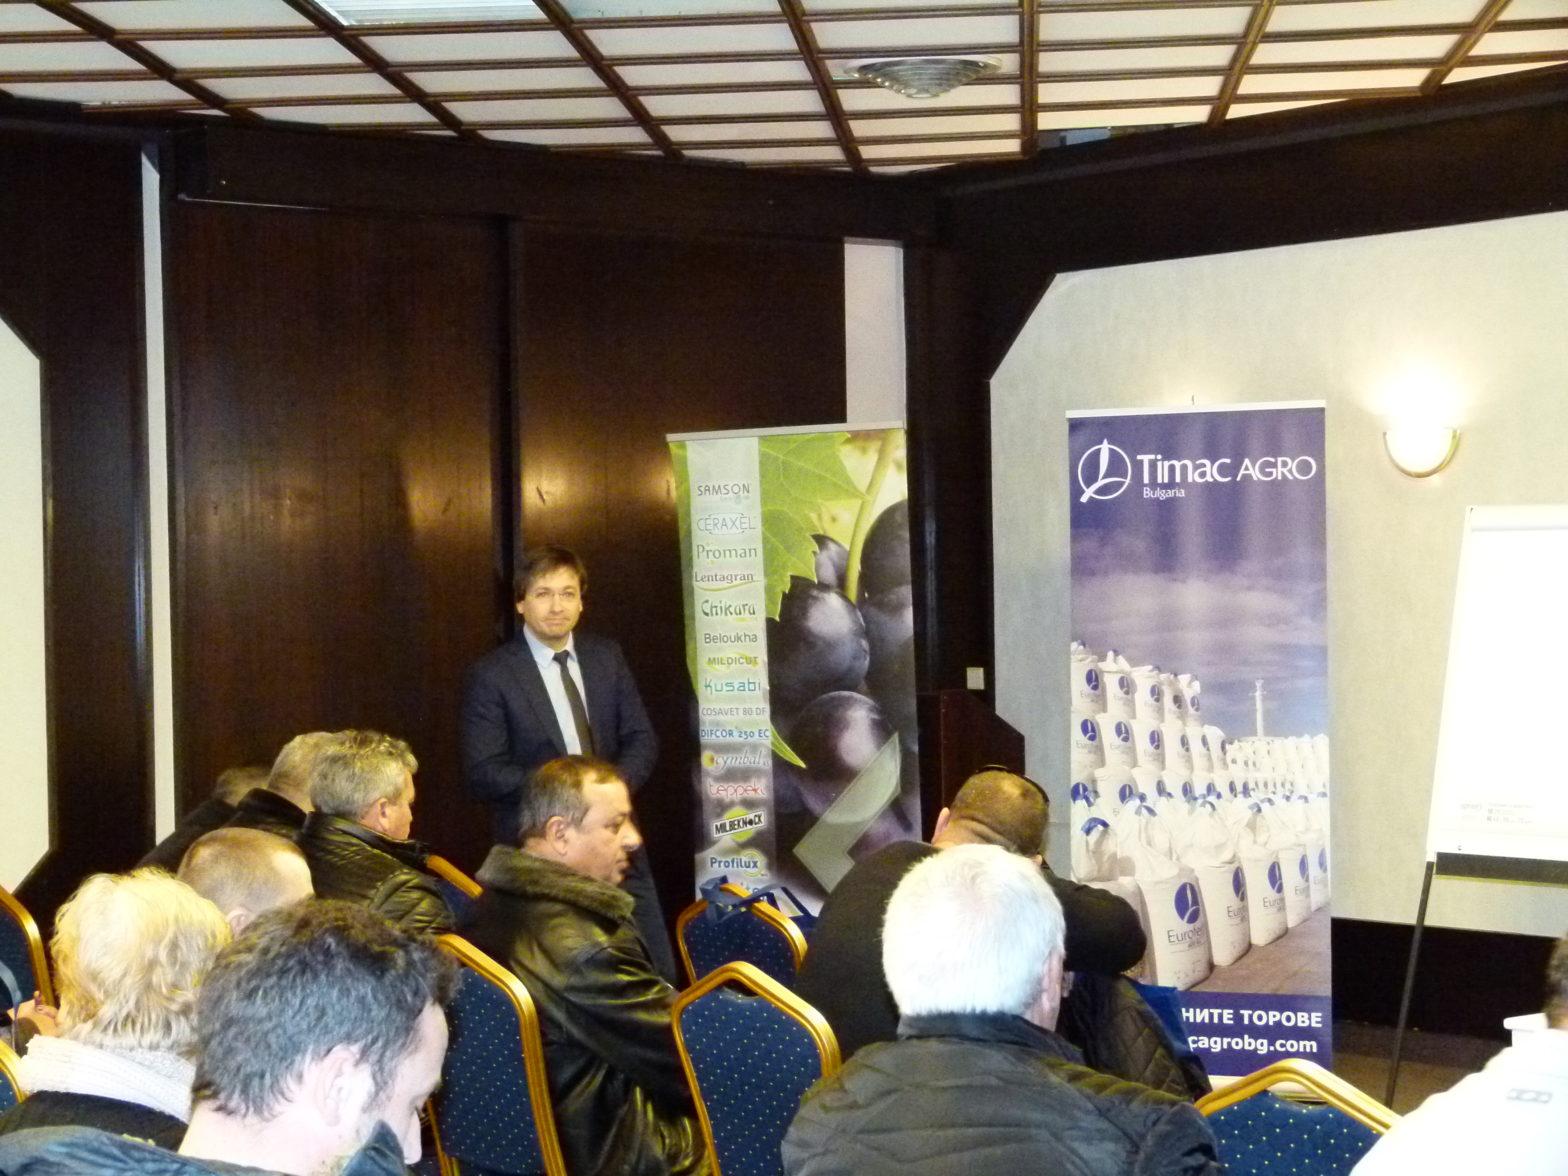 Семинар на Тимак Агро в Сандански – Пролет 2018